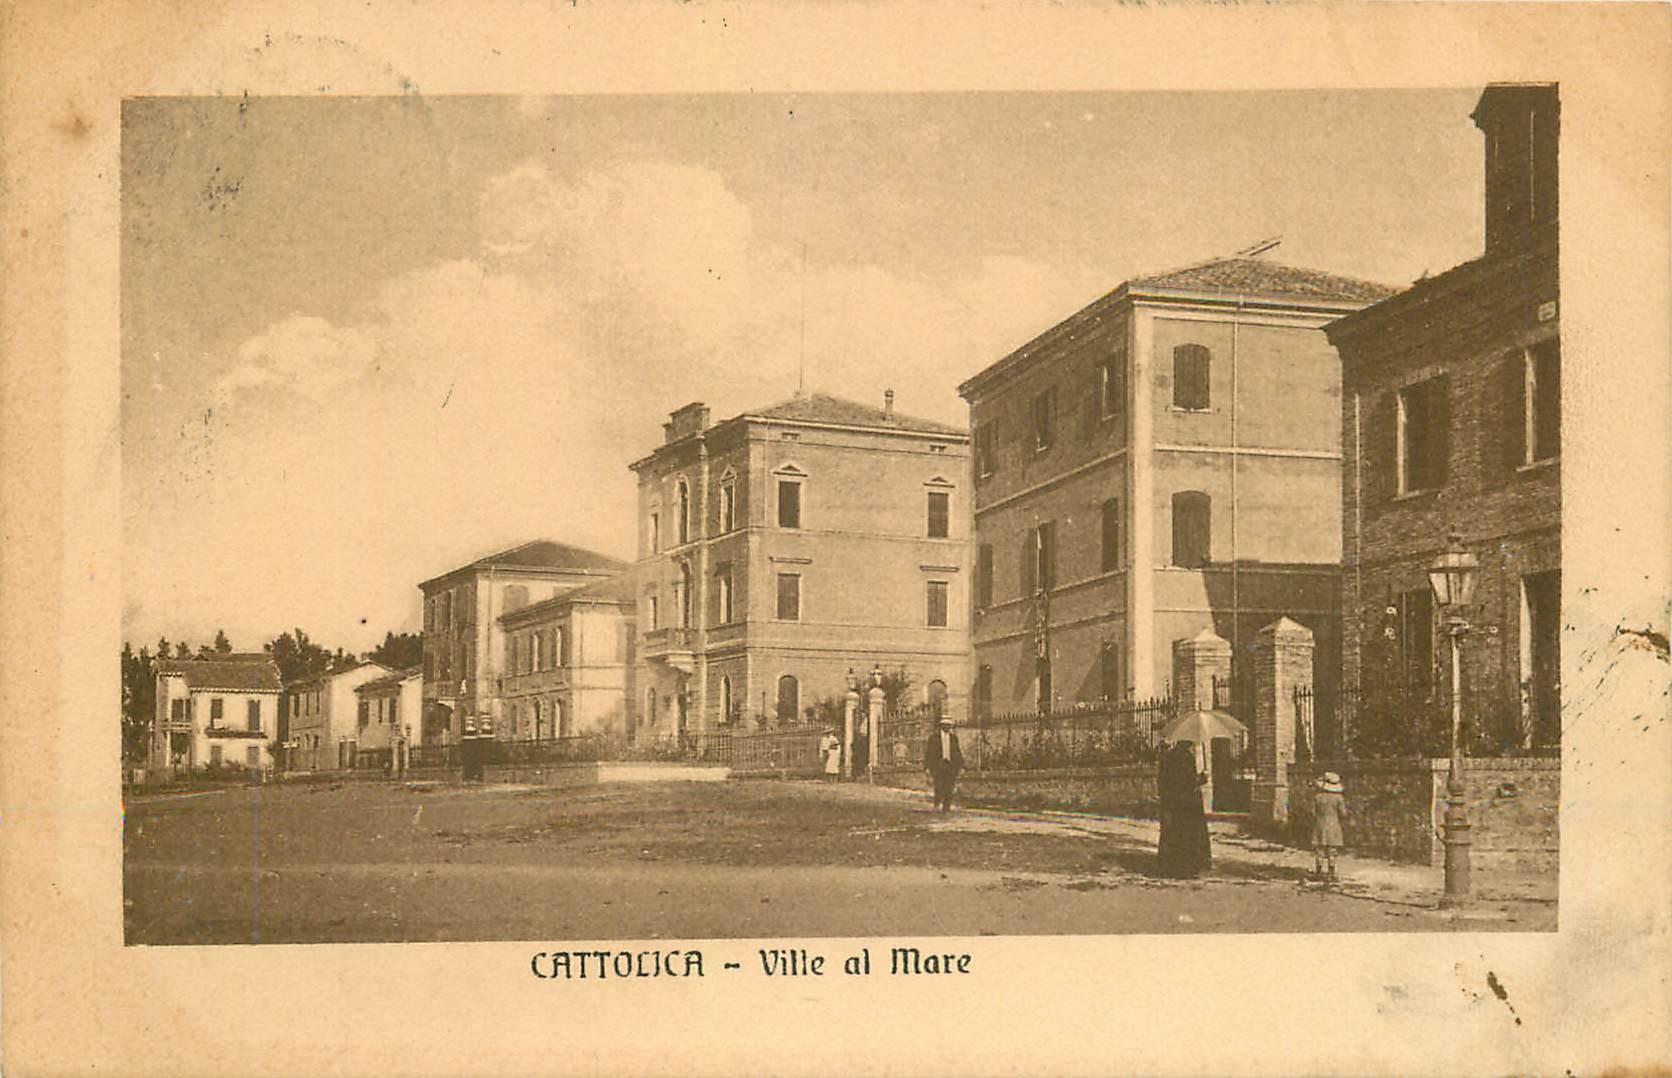 CATTOLICA. Ville al Mare 1911